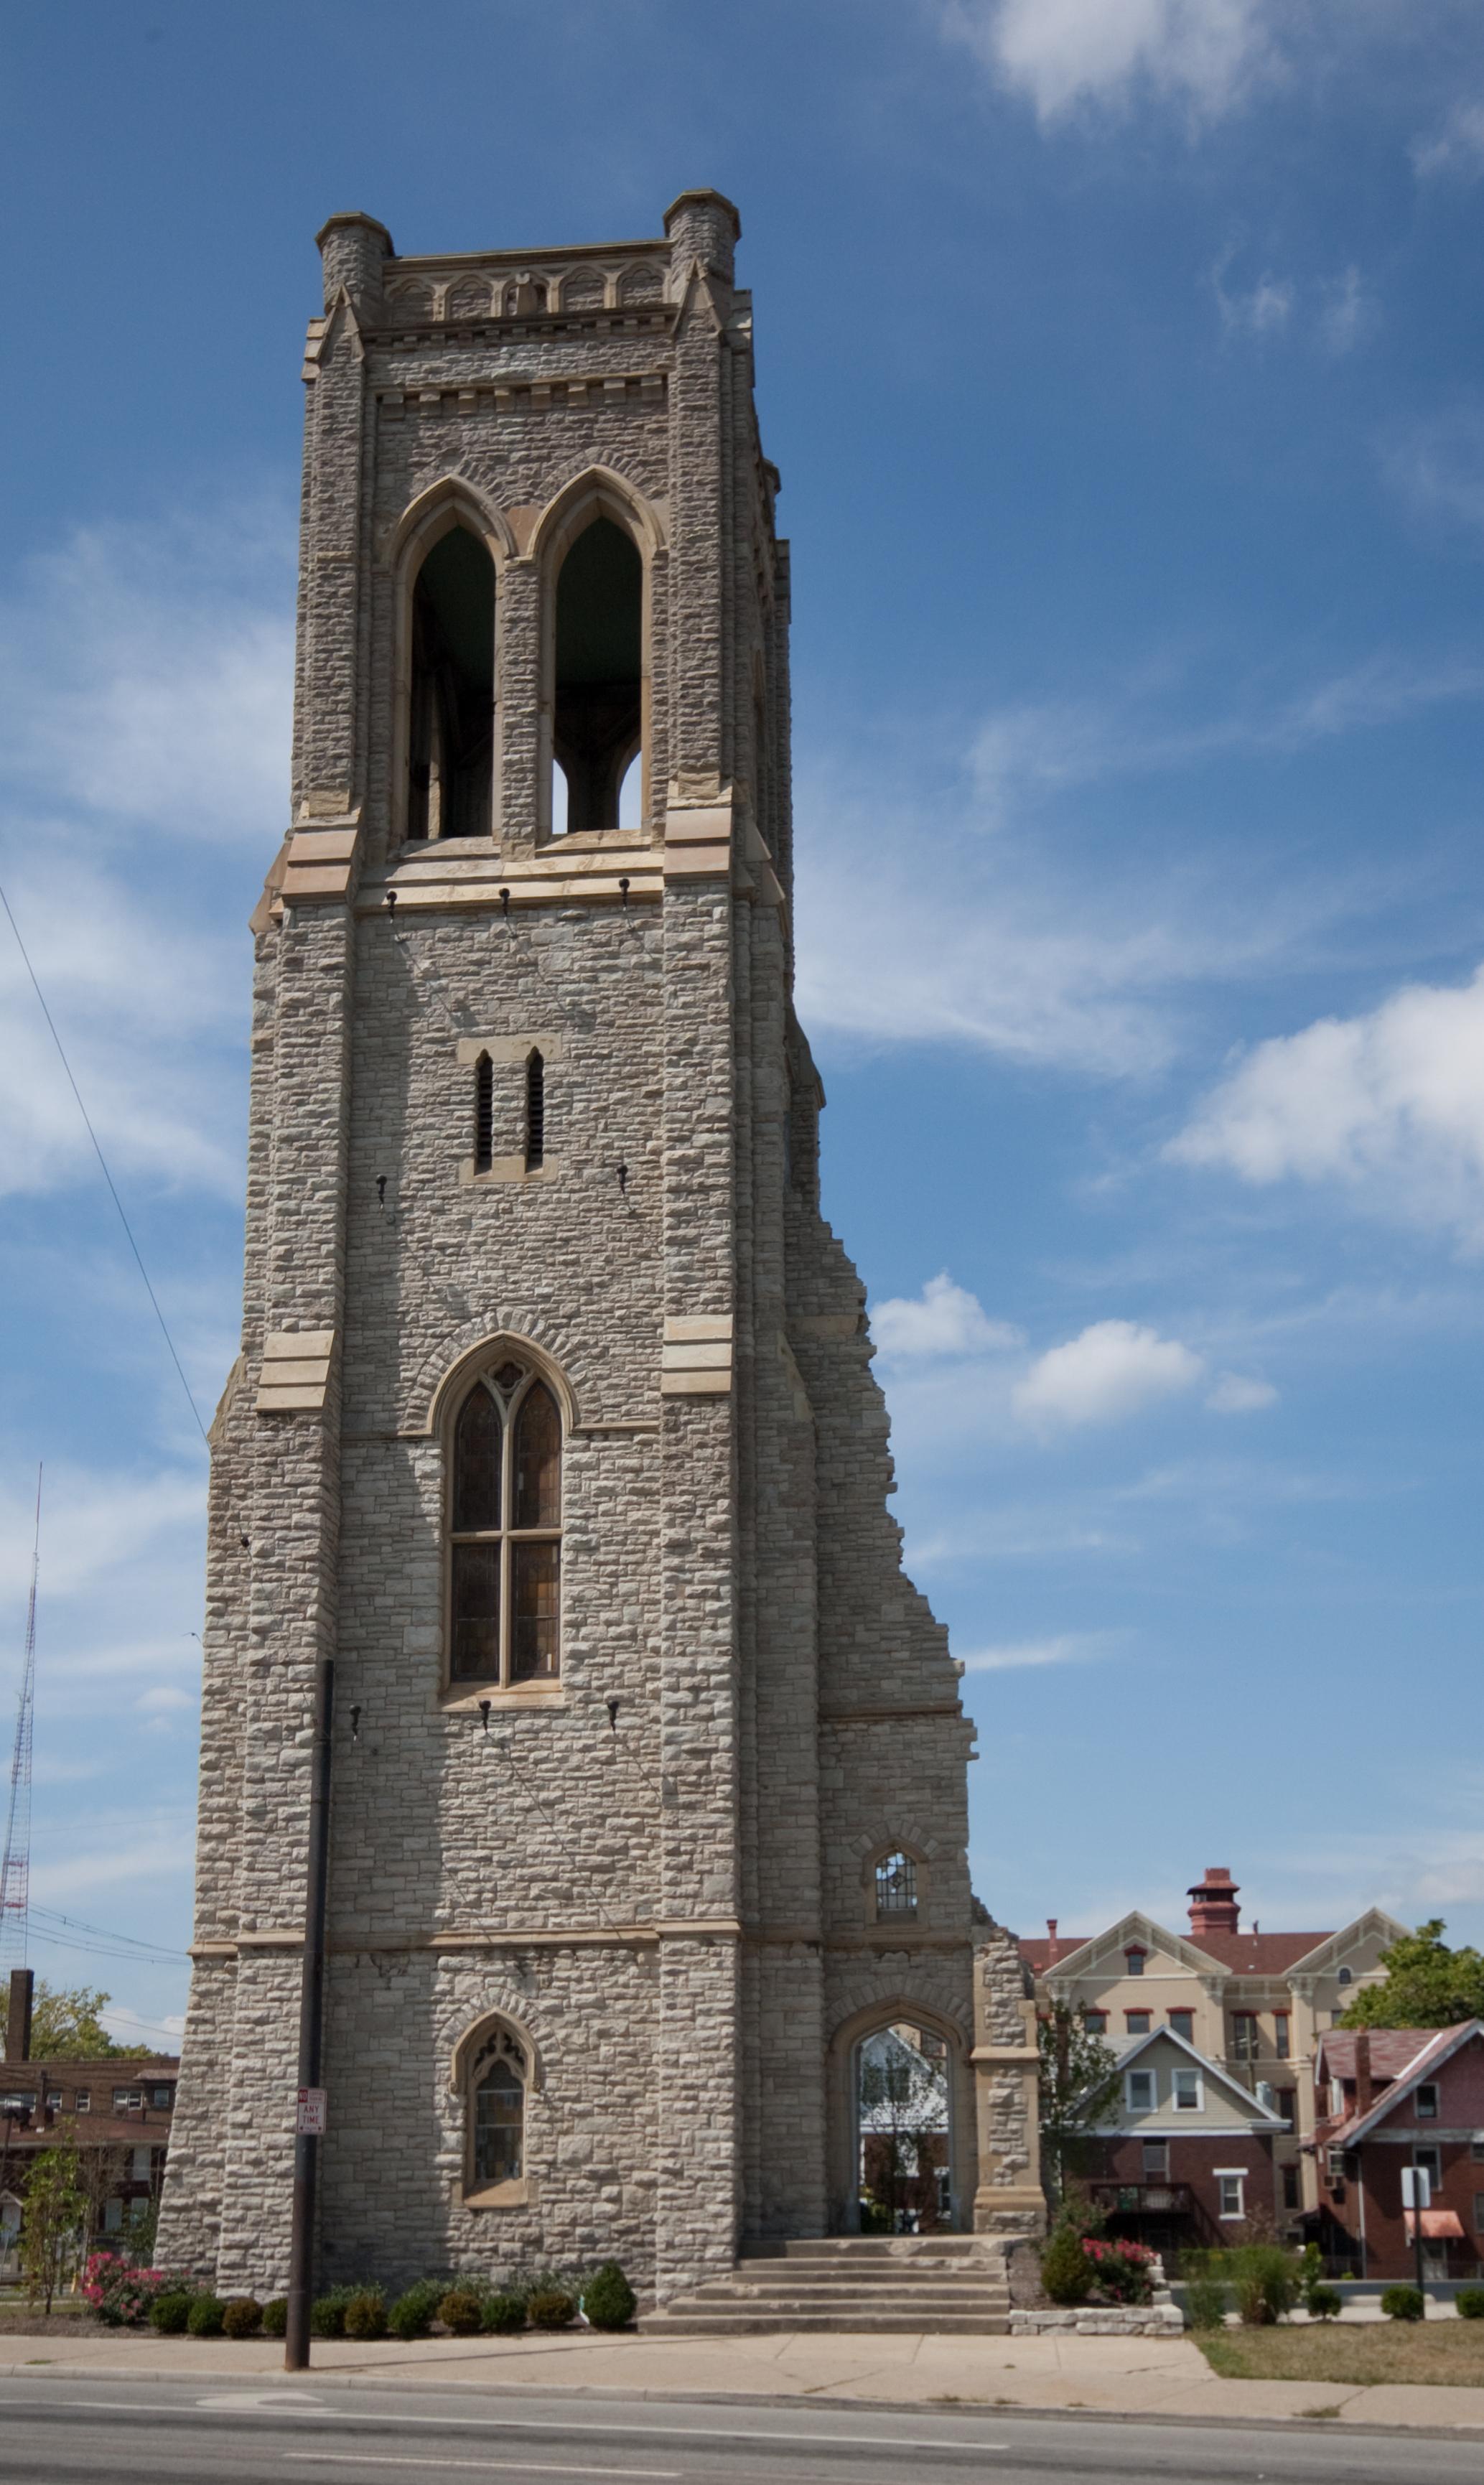 Church tower photo